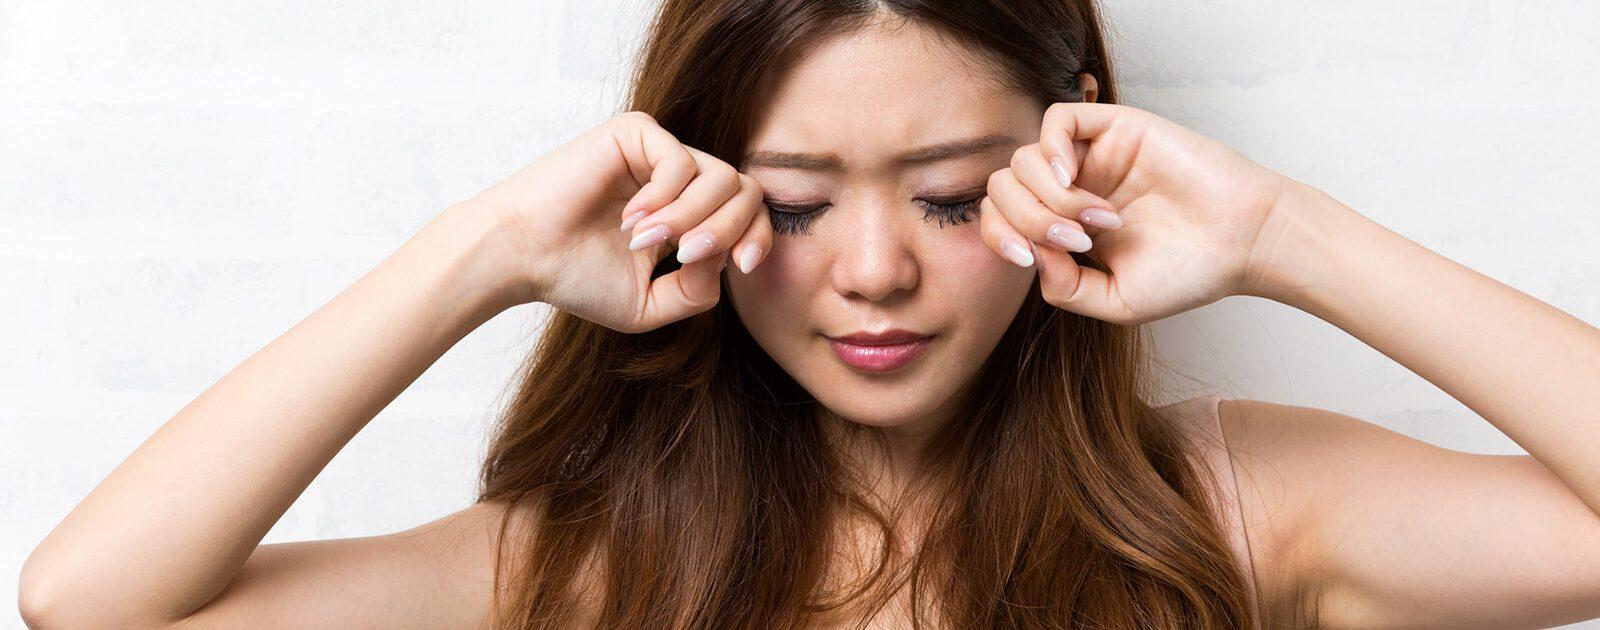 Juckende Augen: Frau reibt sich über geschlossene Augen.